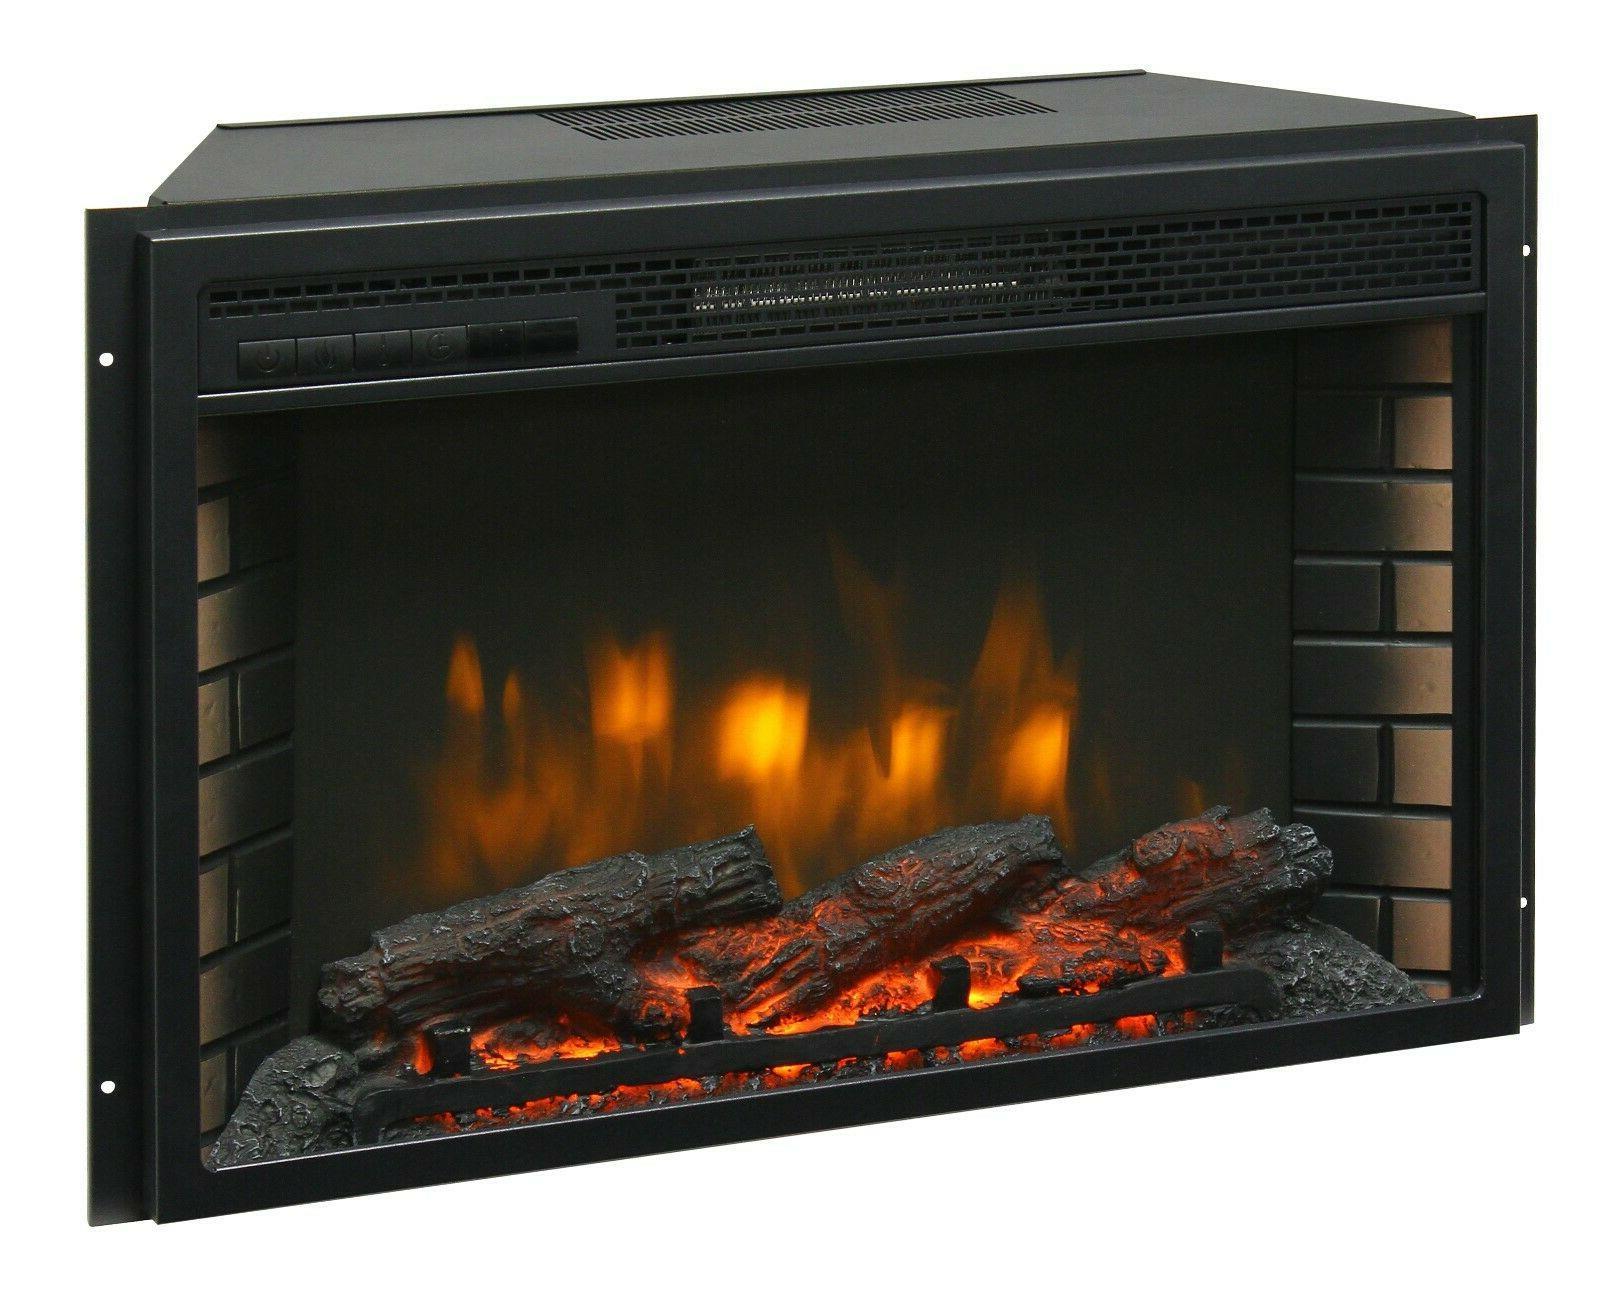 26 electric firebox insert with fan heater